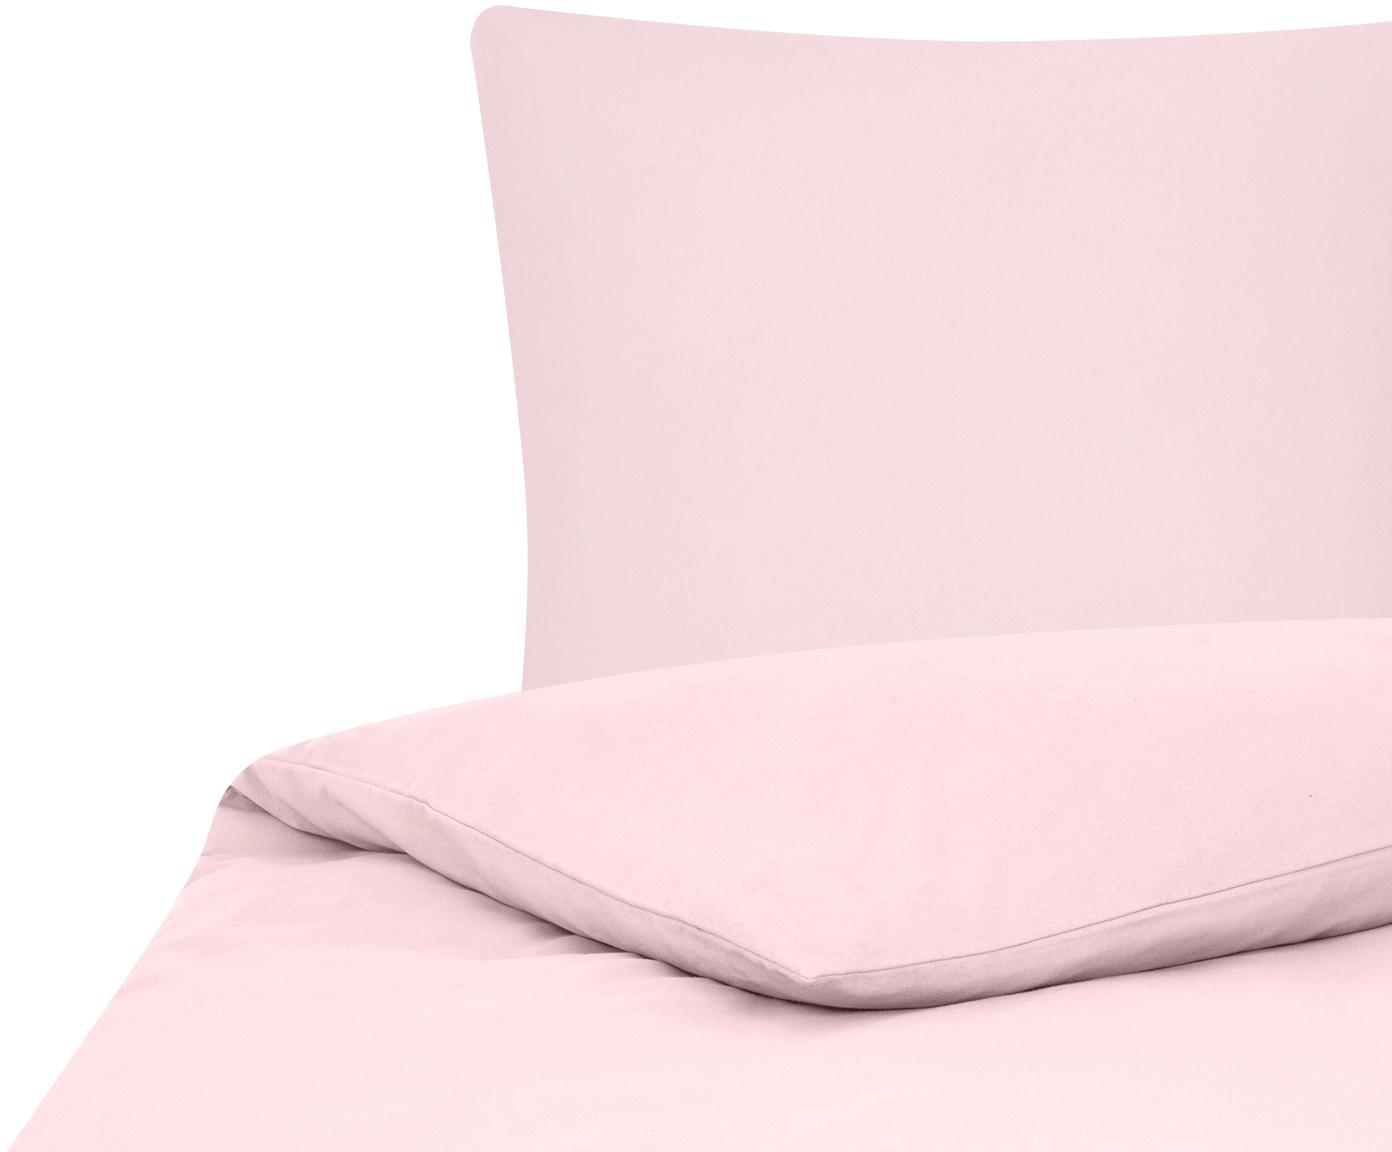 Flanell-Bettwäsche Biba in Rosa, Webart: Flanell Flanell ist ein s, Rosa, 135 x 200 cm